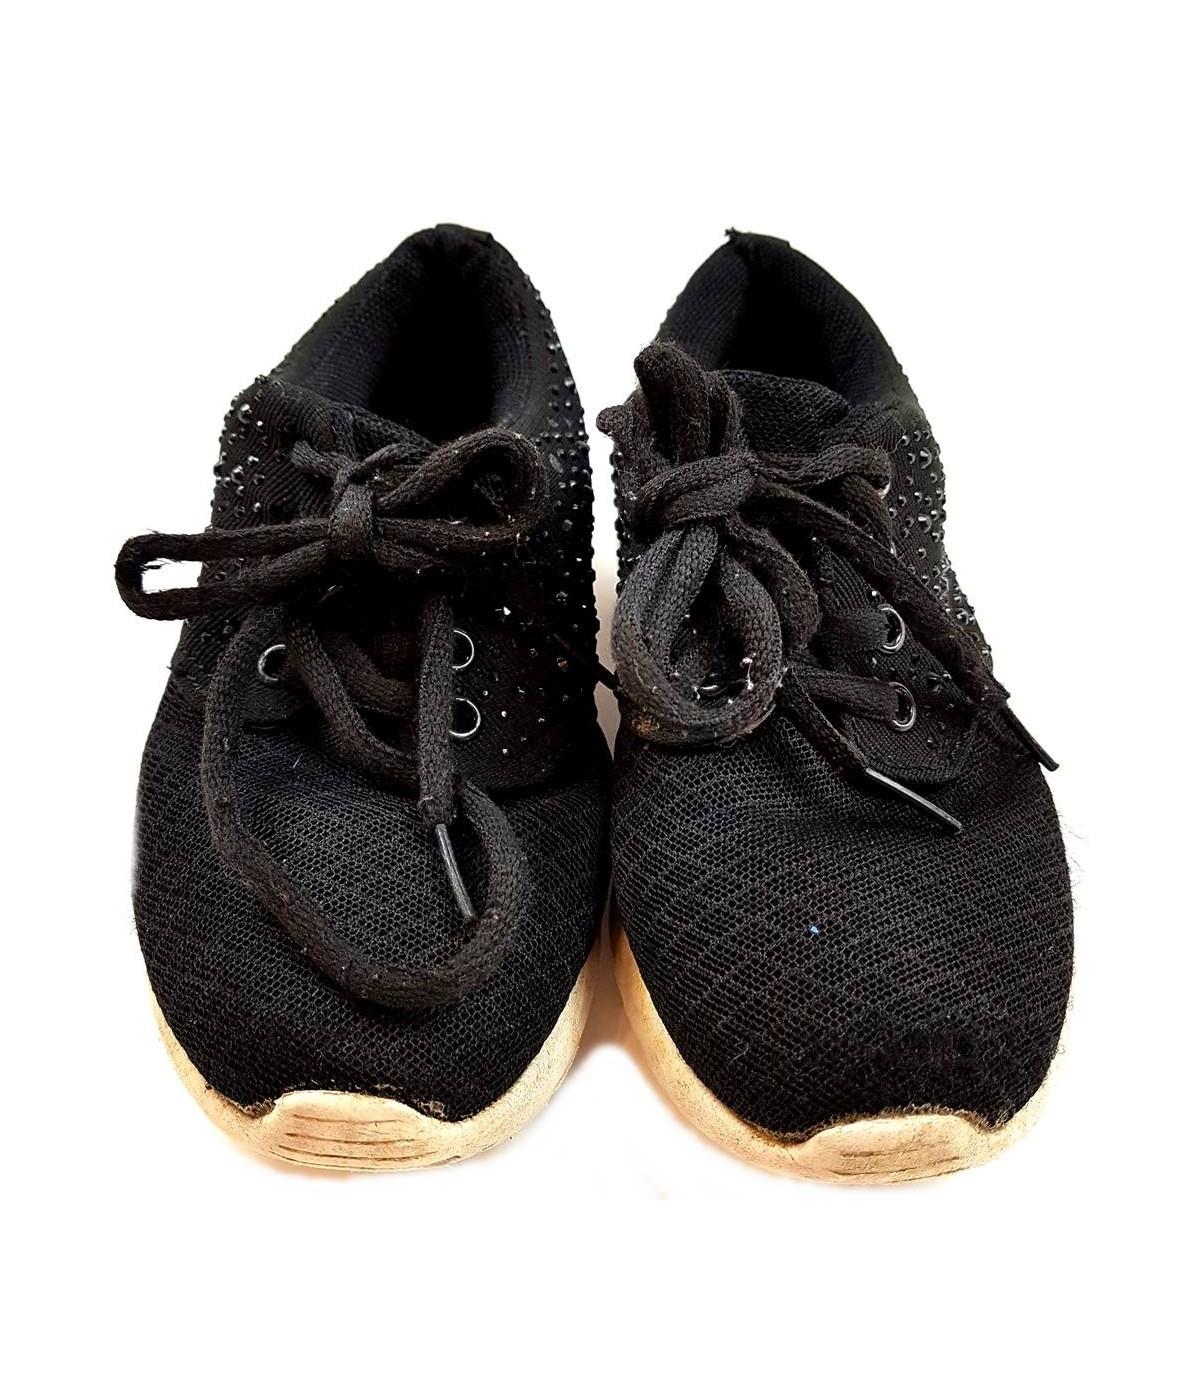 Fekete strasszos sportcipő (28-29) - Ruhacuka bc929345d8